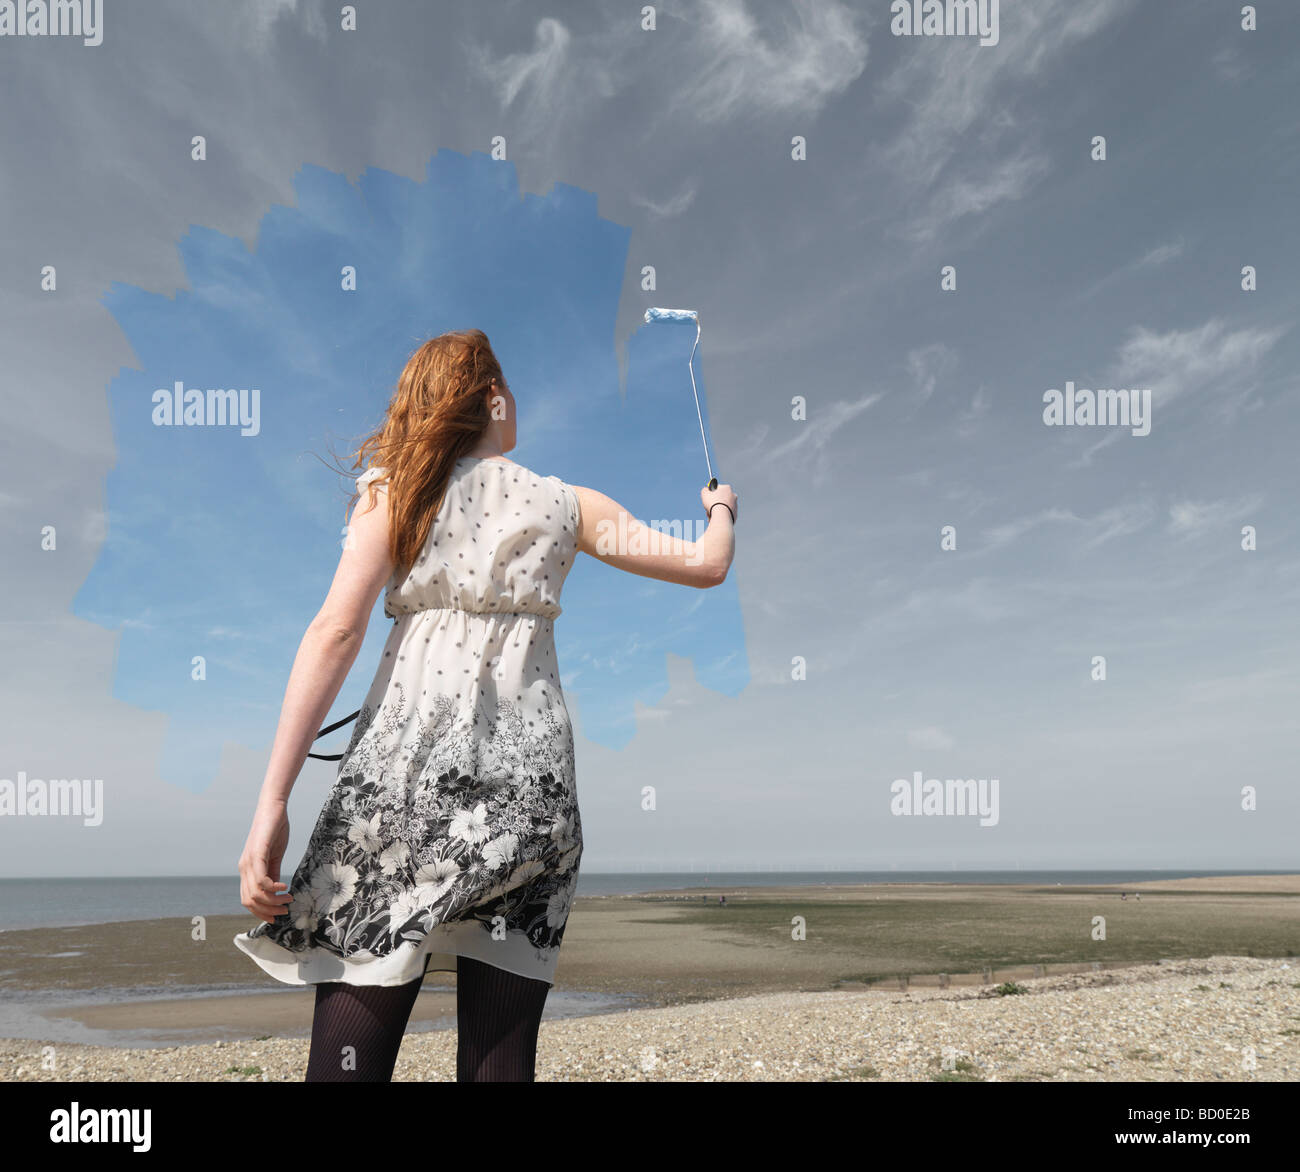 Junge Frau Malerei grau Himmelblau Stockbild